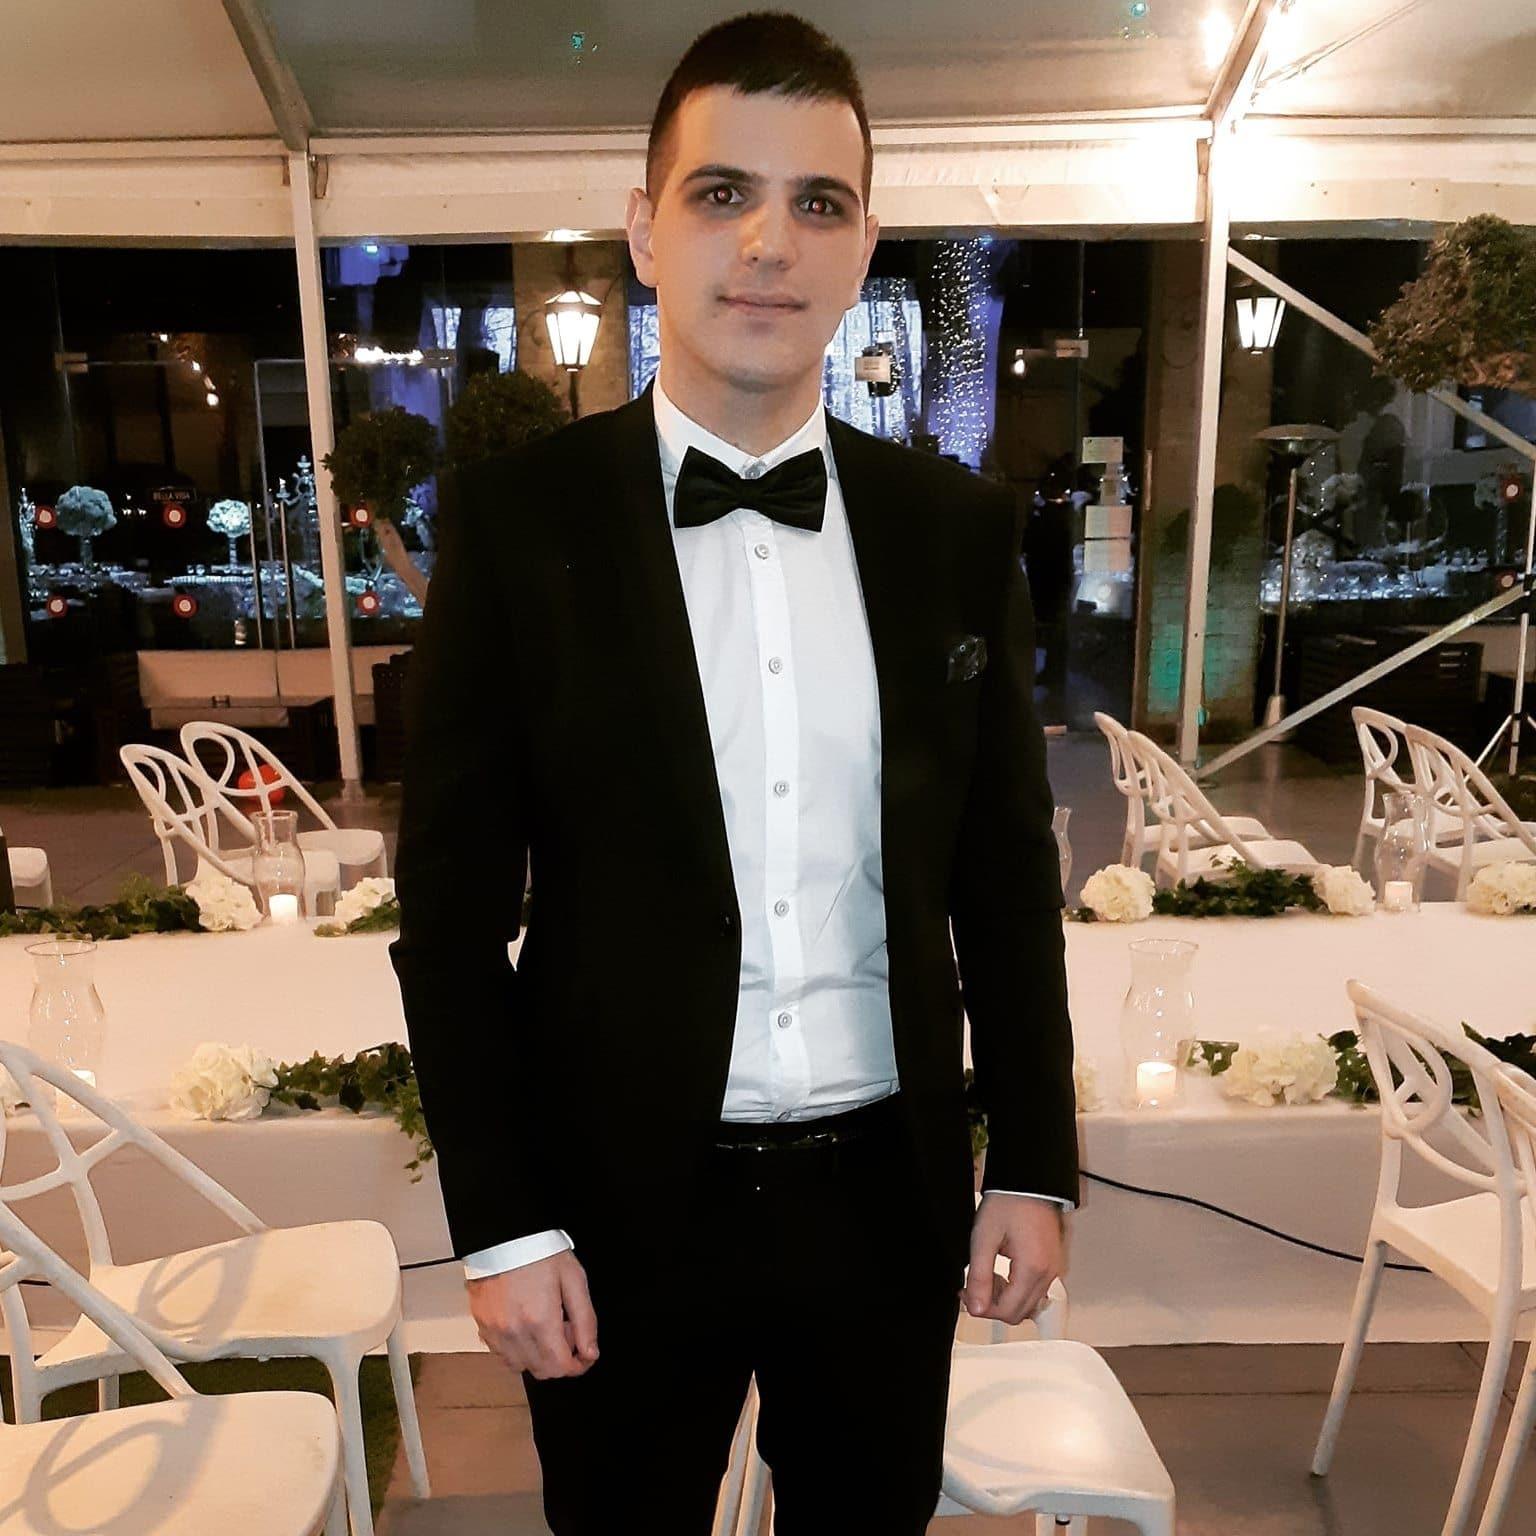 Avi Yakobashvili